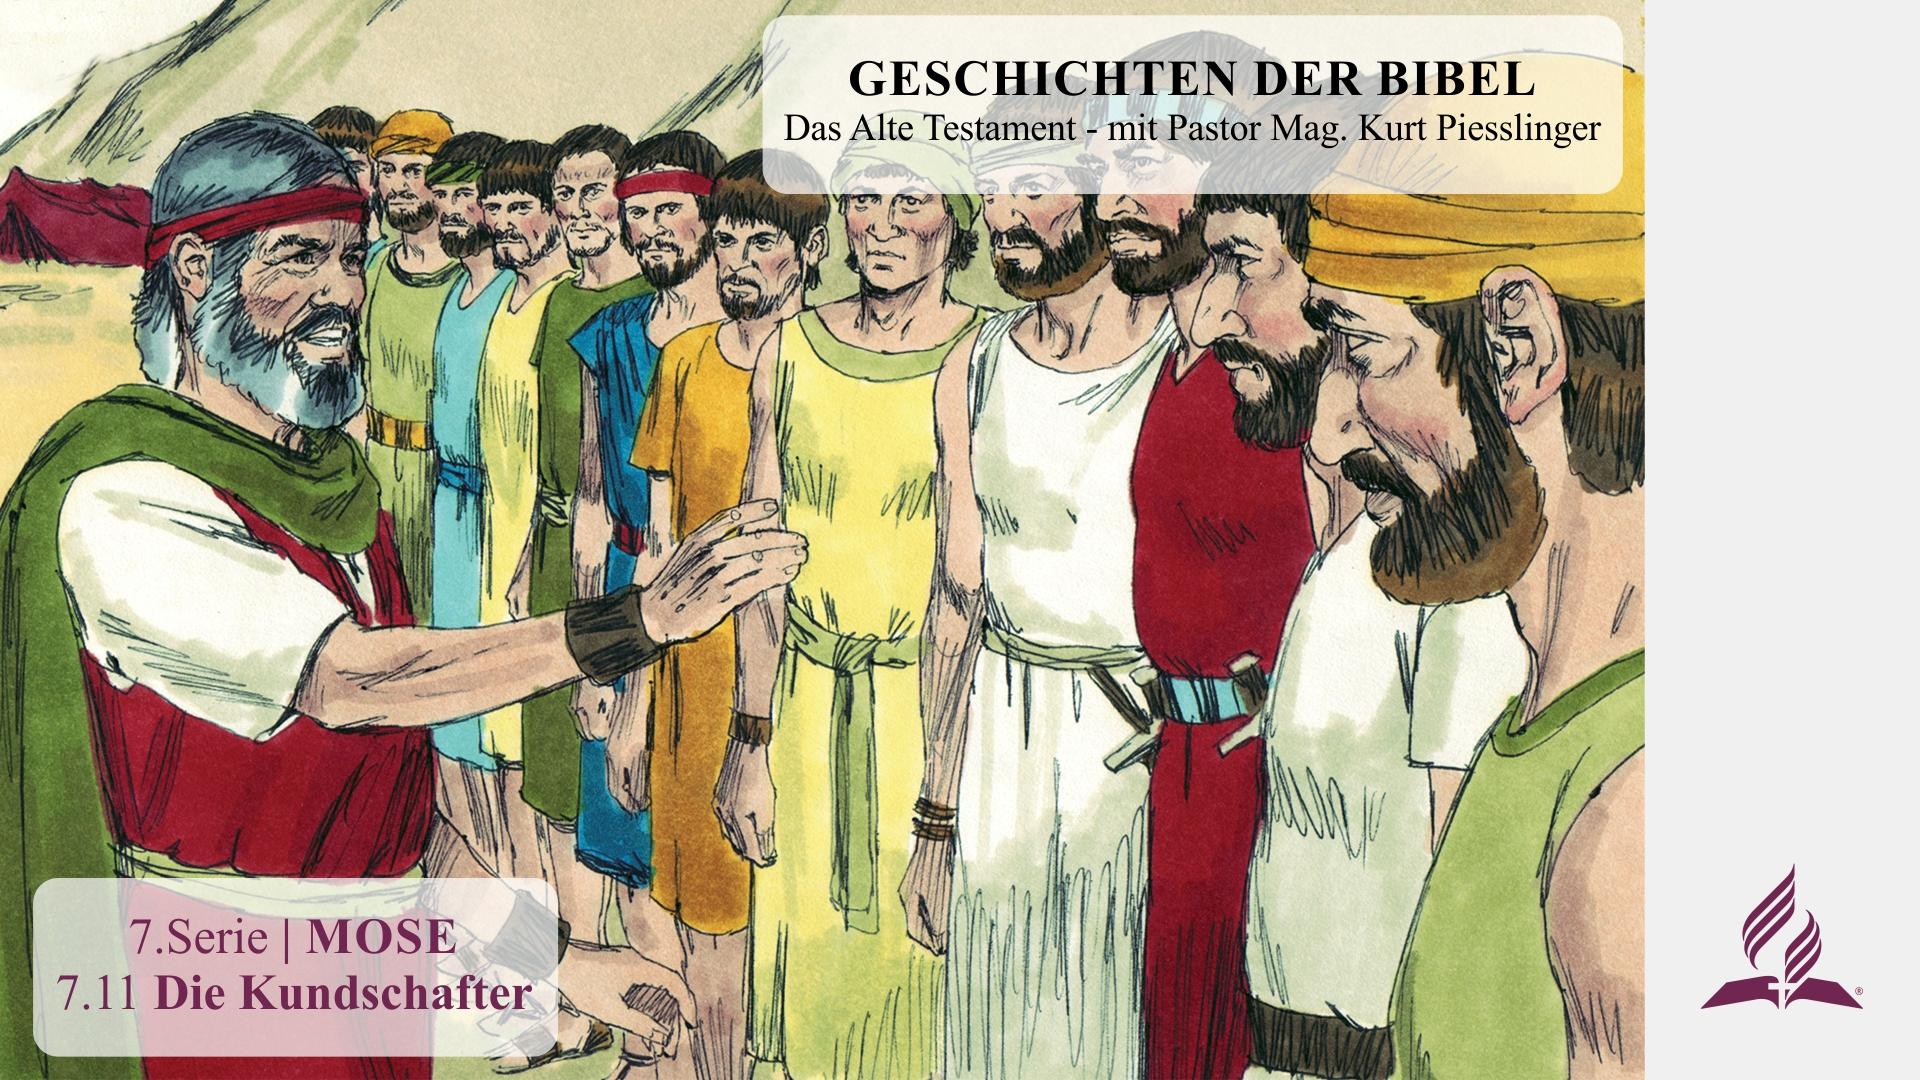 GESCHICHTEN DER BIBEL: 7.11 Die Kundschafter – 7.MOSE | Pastor Mag. Kurt Piesslinger